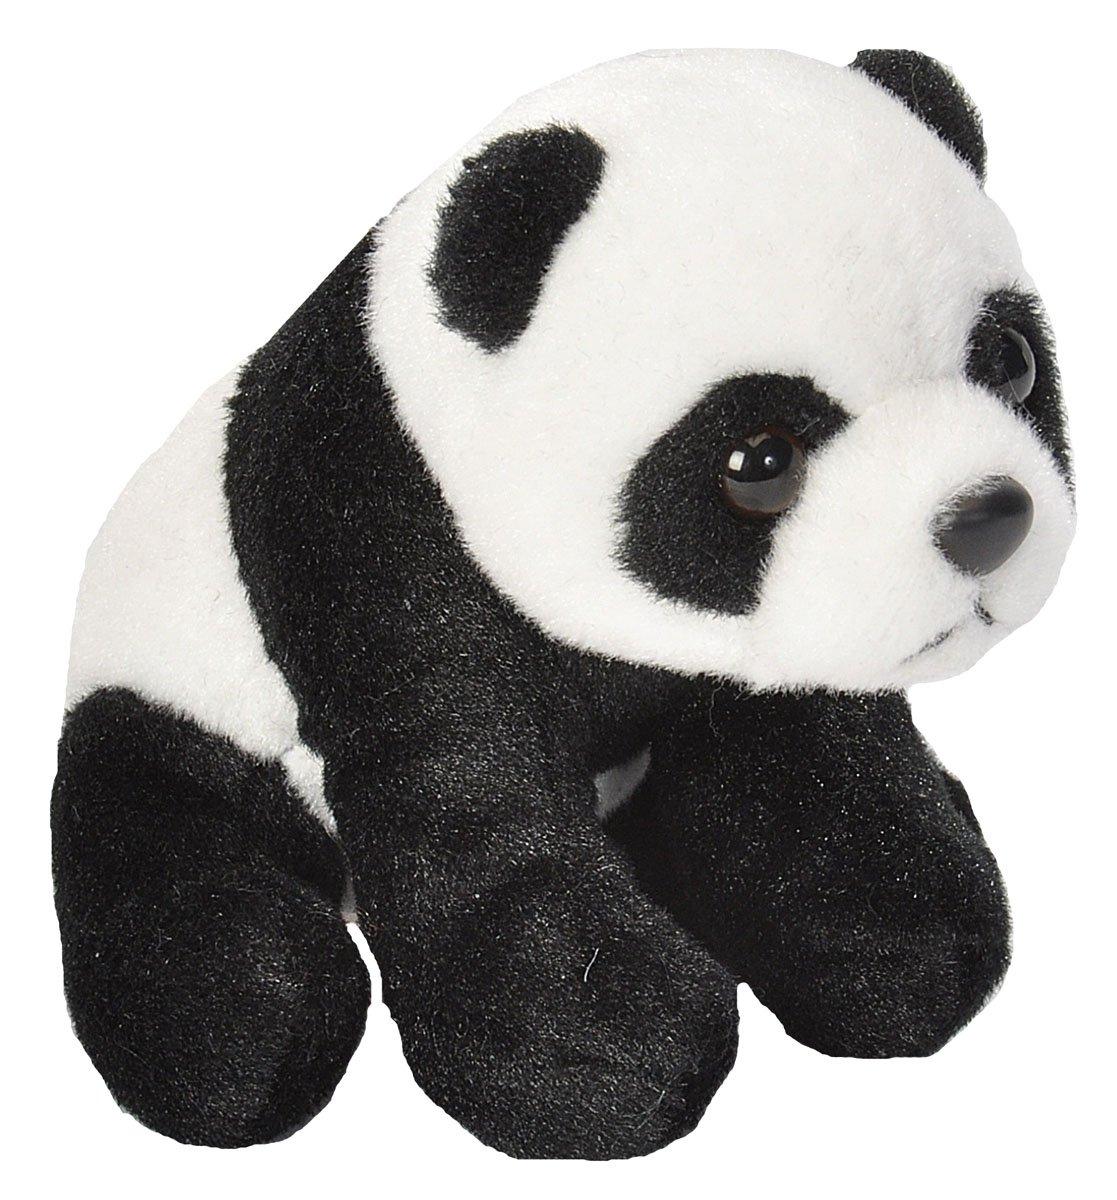 Wild Republic - CK Lils Peluche Panda, 15 cm (18104): Amazon.es: Juguetes y juegos